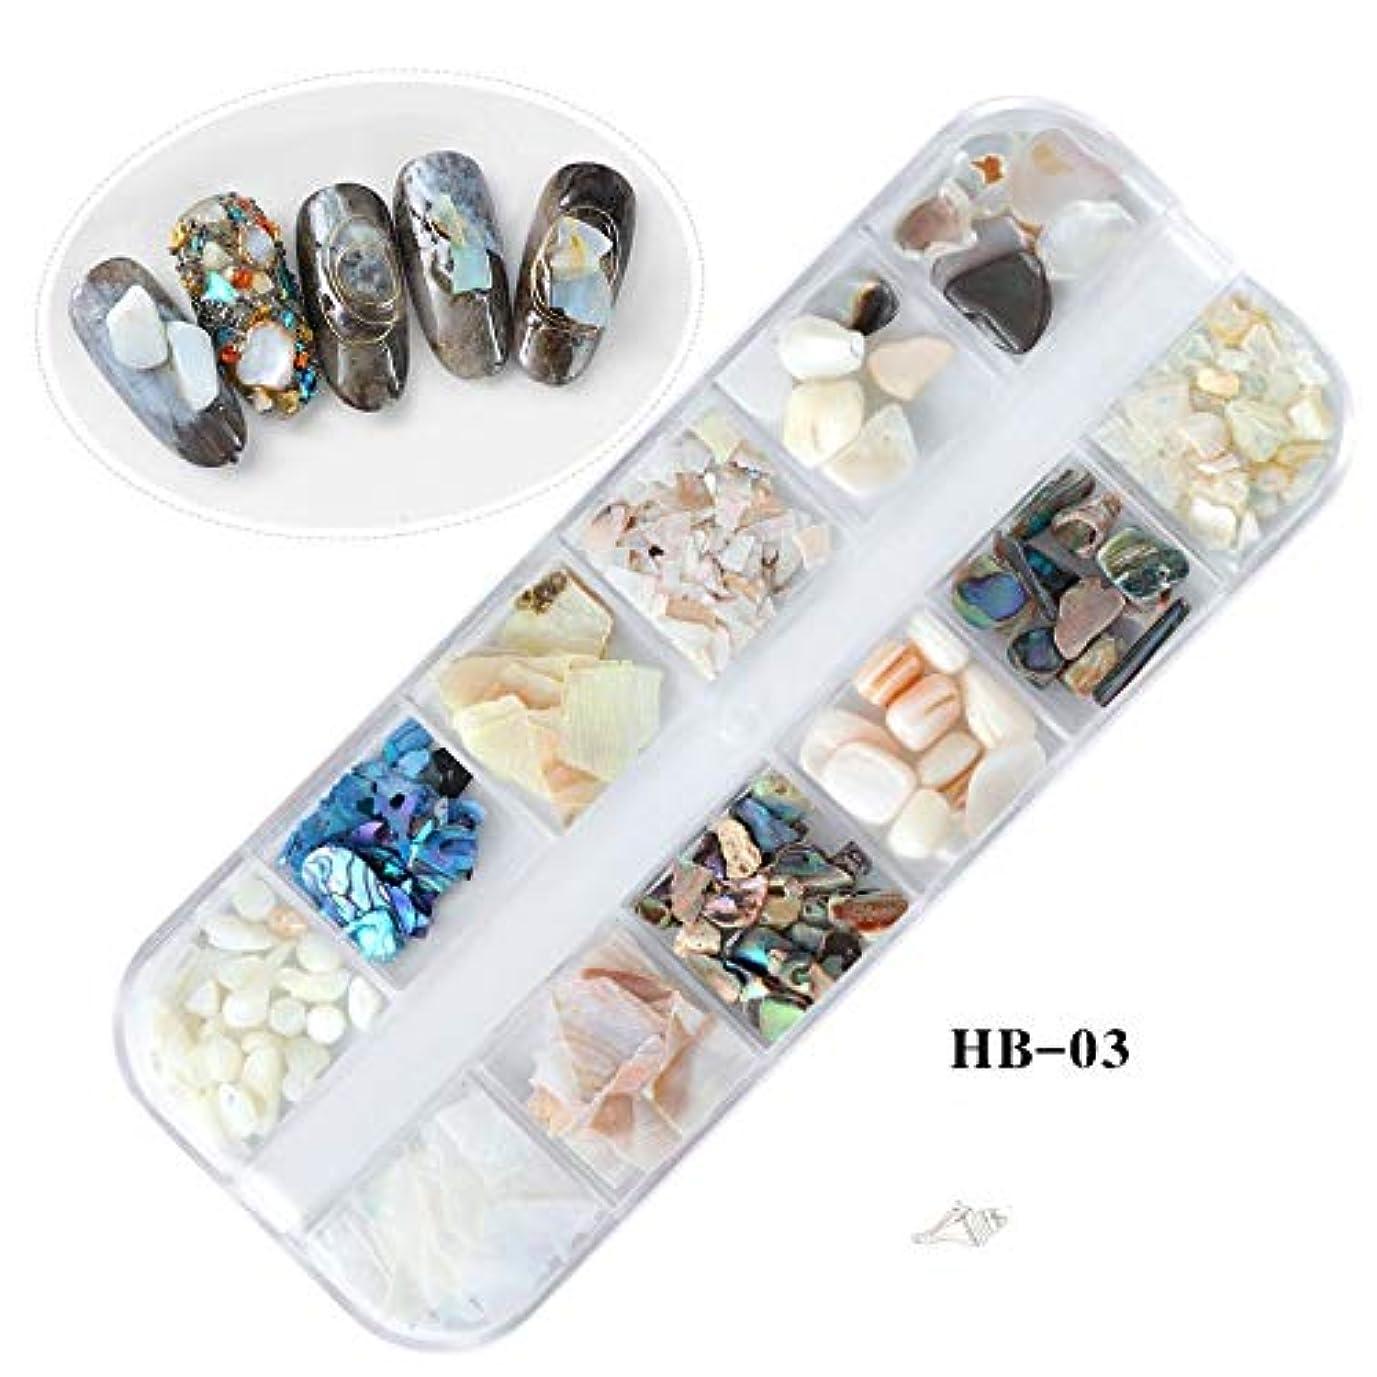 重要な役割を果たす、中心的な手段となる二年生構成するJiaoran 天然貝殻3DチャームネイルアートデコレーションスライスDIYビューティーサロンオーシャンネイルアートパウダーマニキュアデカールツール (Color : HB03)